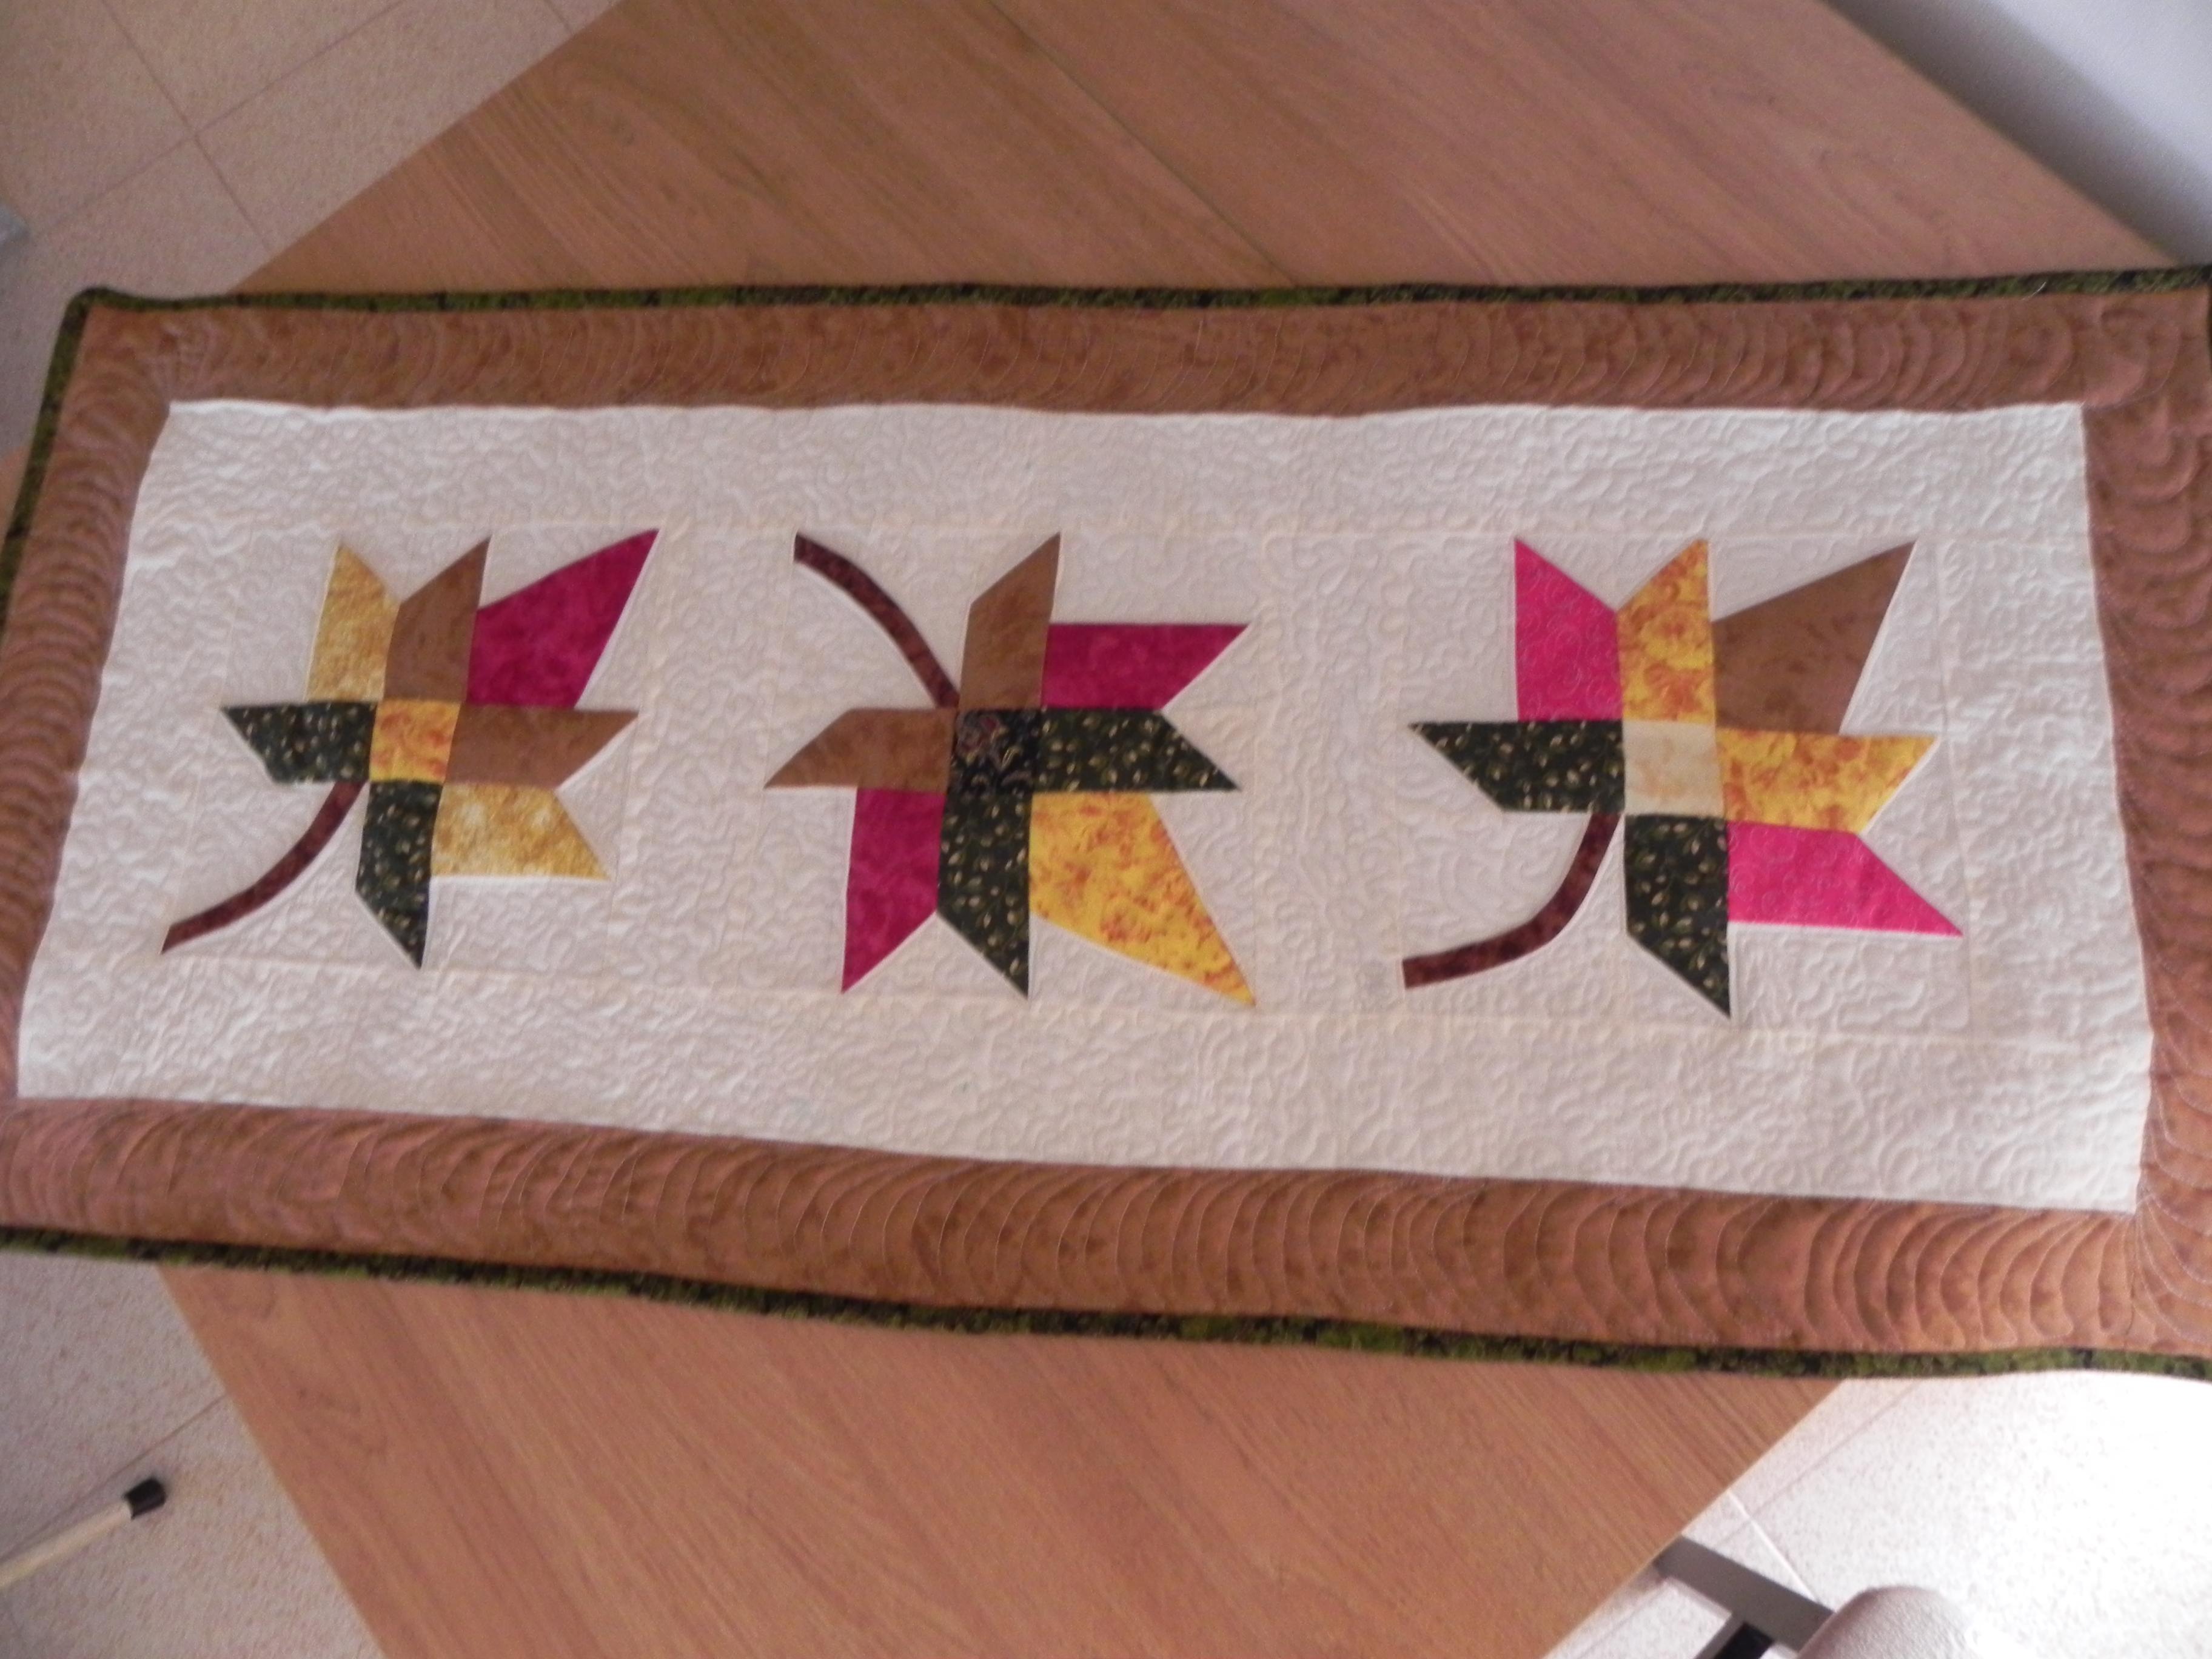 Camino de mesa patchwork table runner patchwork tijeras - Patchwork en casa patrones ...